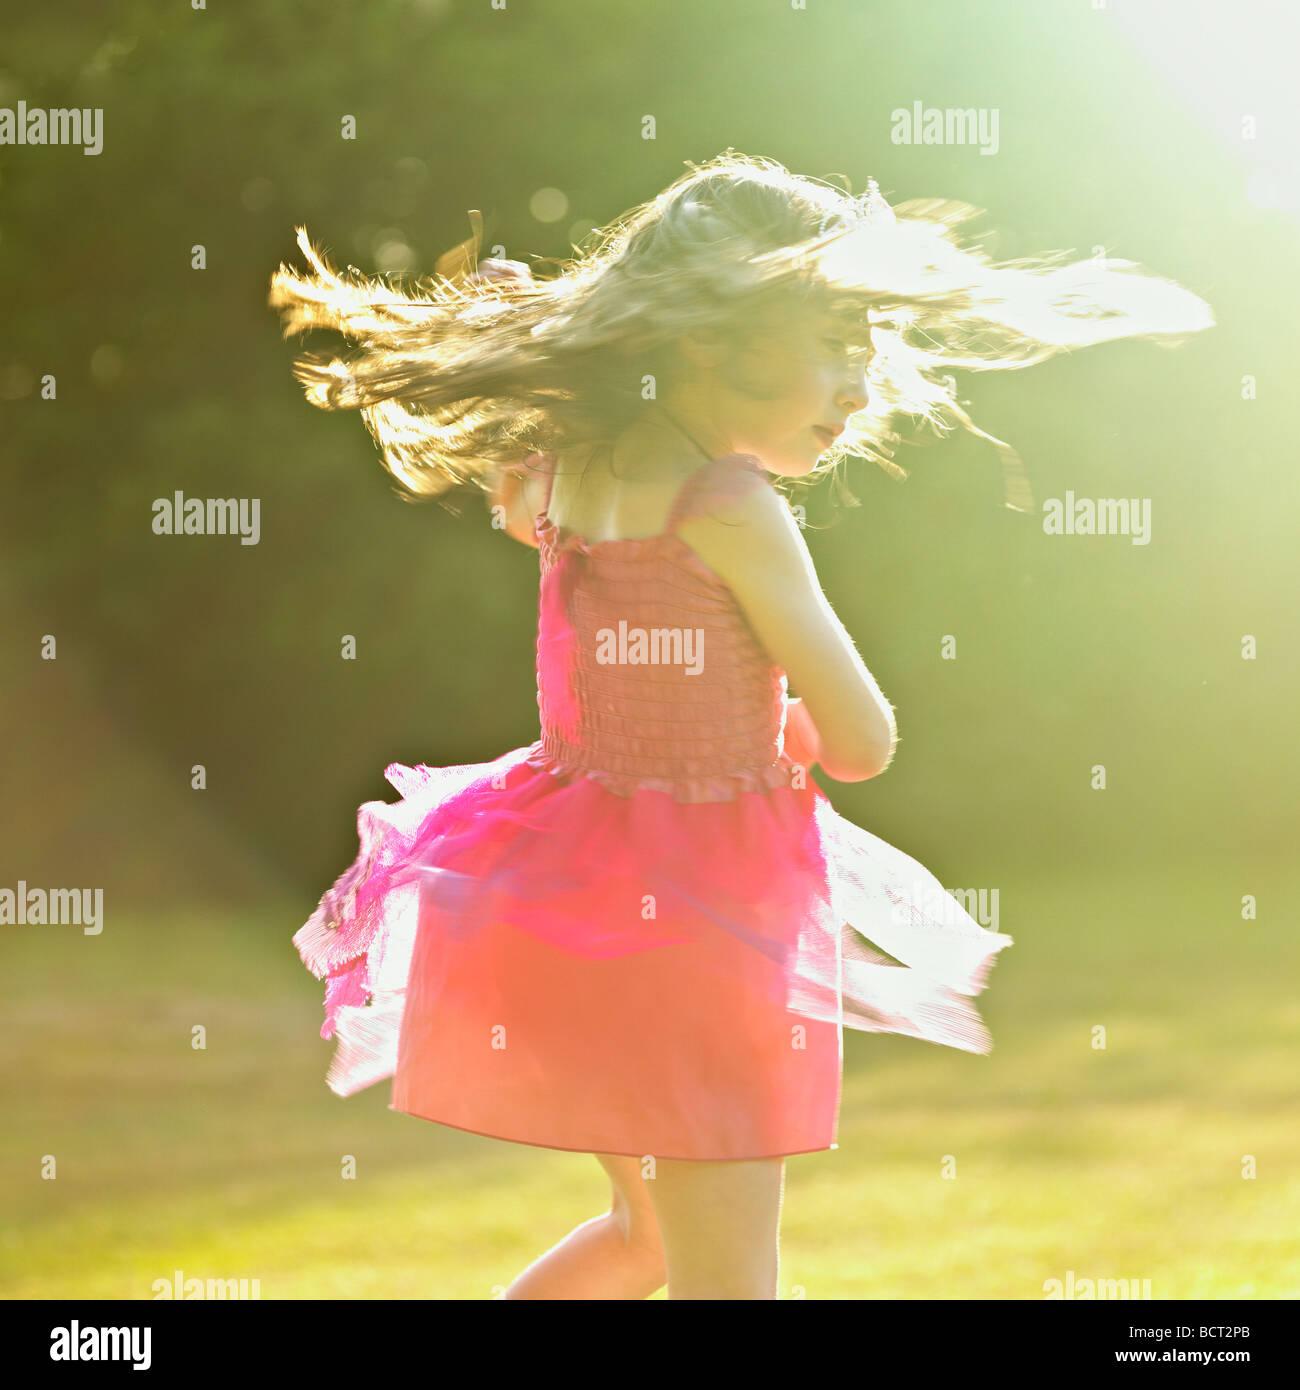 Junge Mädchen in ein rosa Kleid tanzen im garten sommer sonne. Stockbild